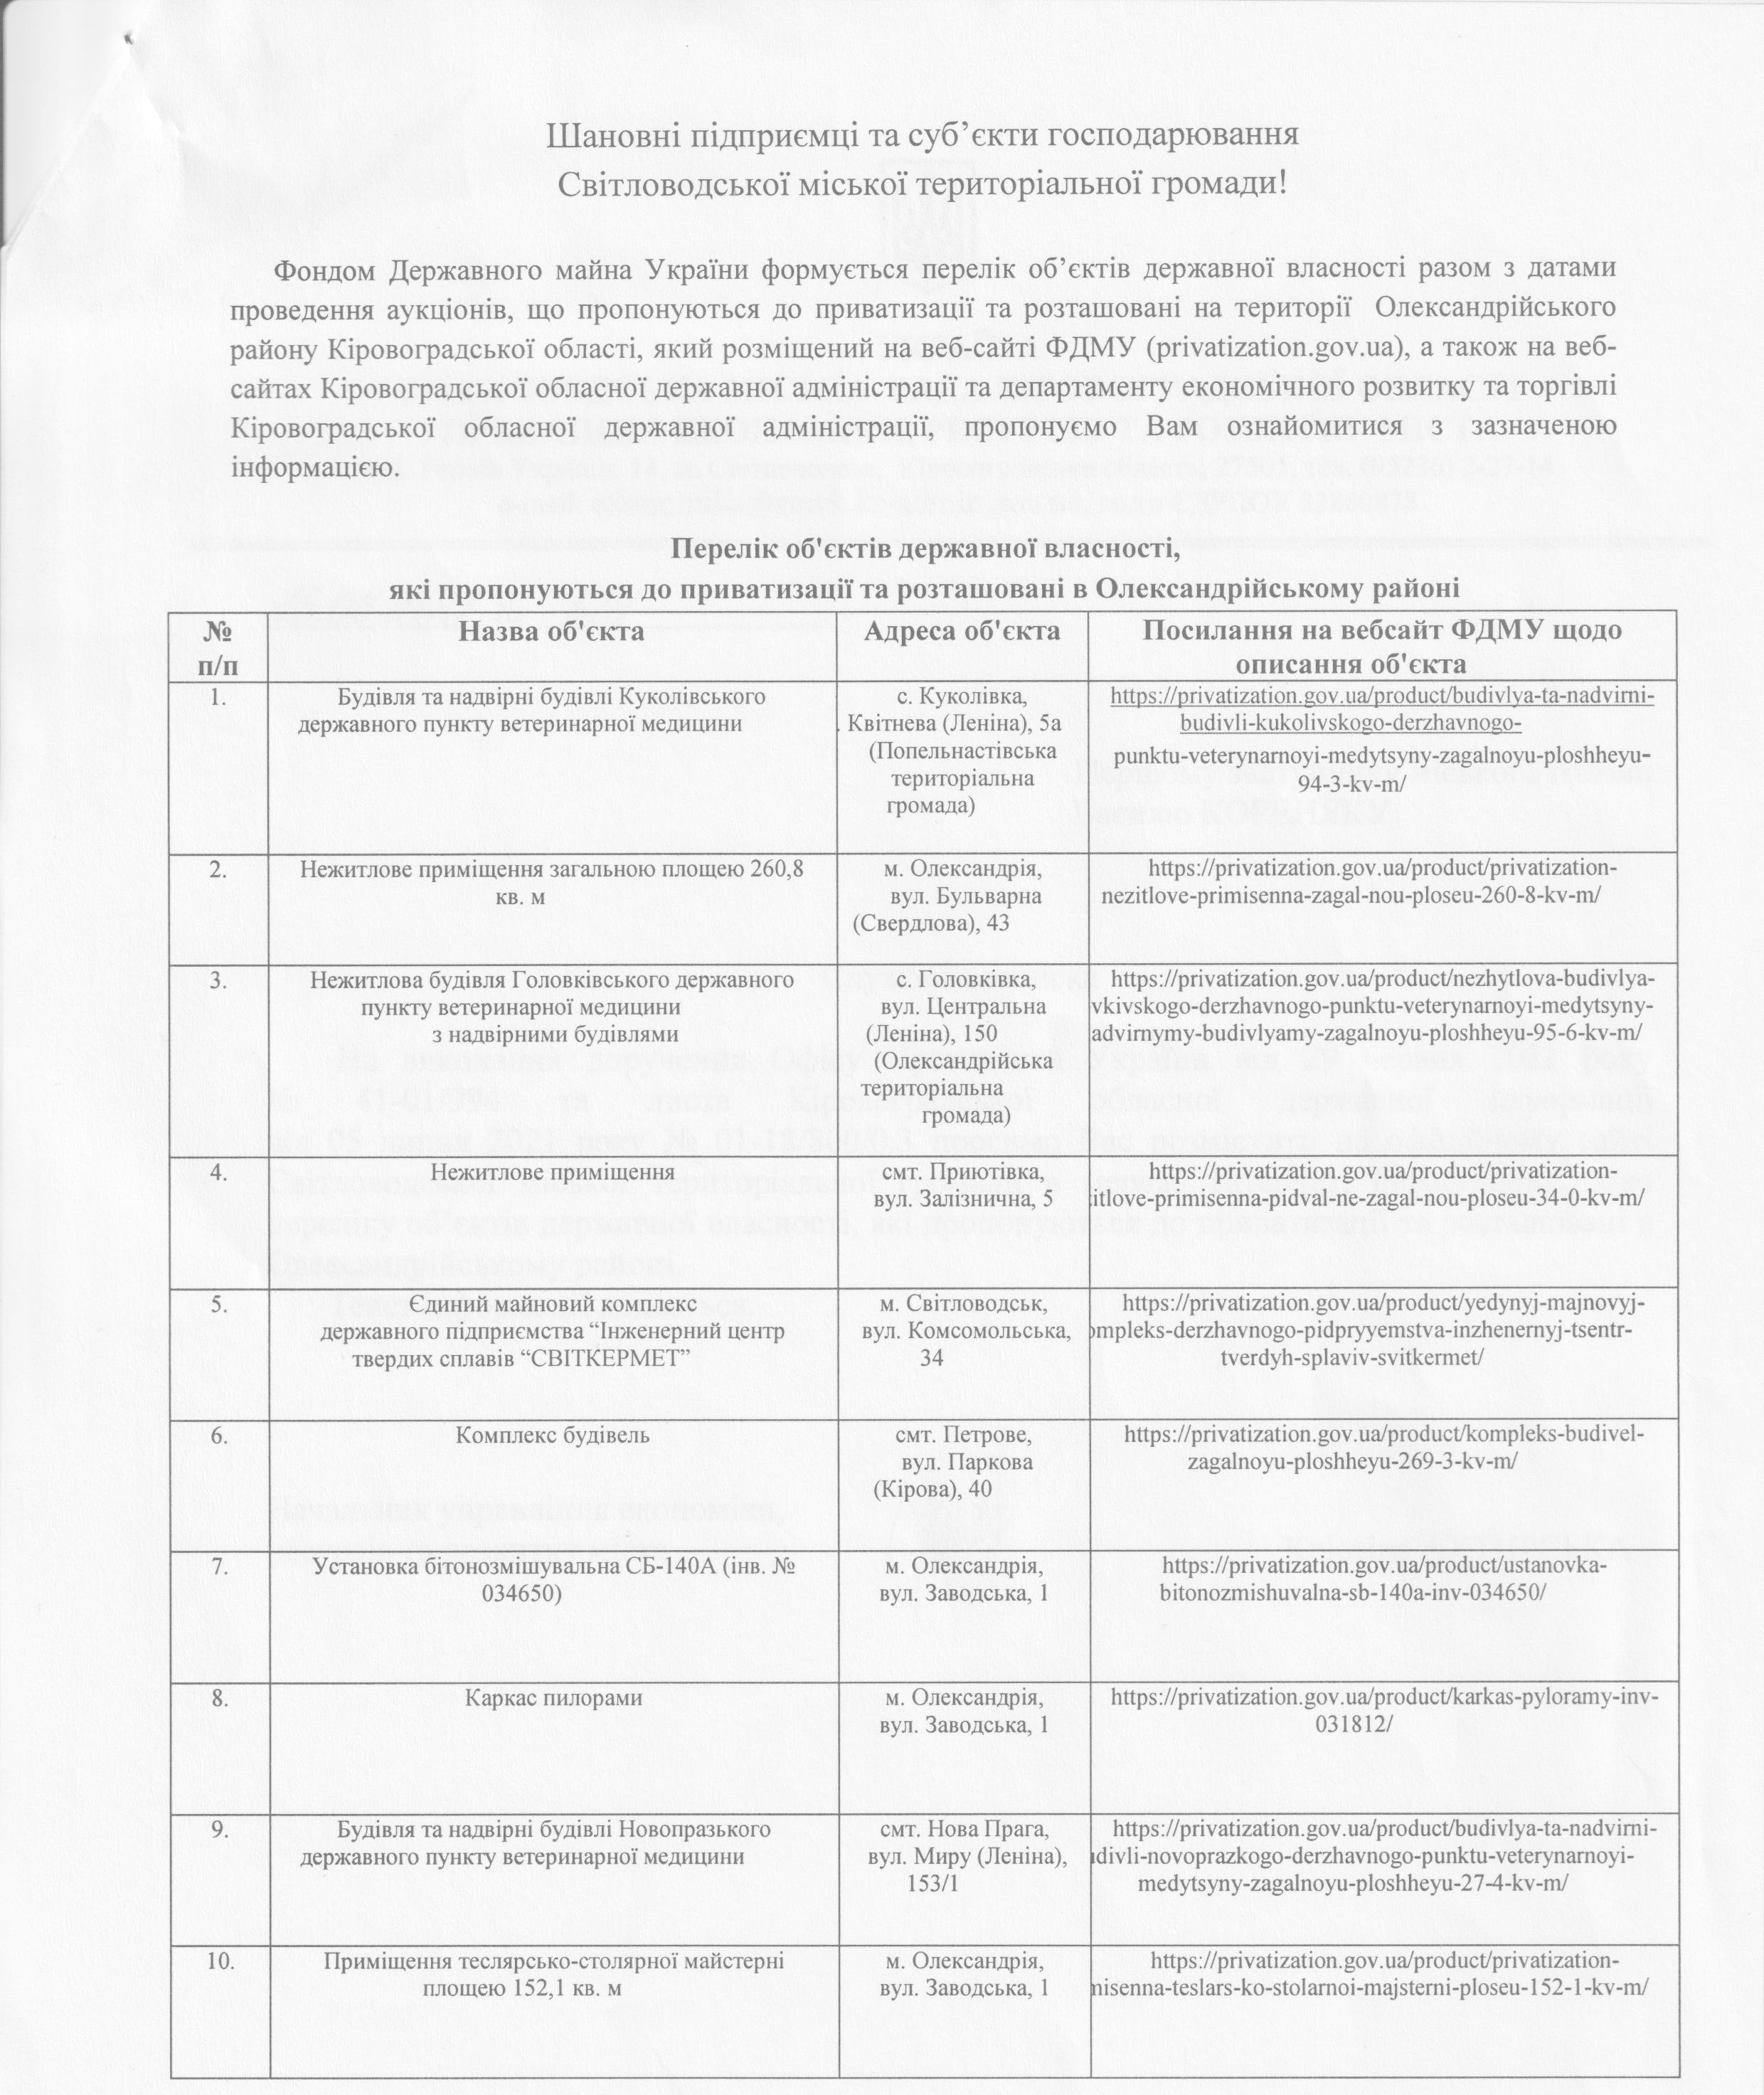 Шановні підприємці та суб'єкти господарювання Світловодської міської територіальної громади!